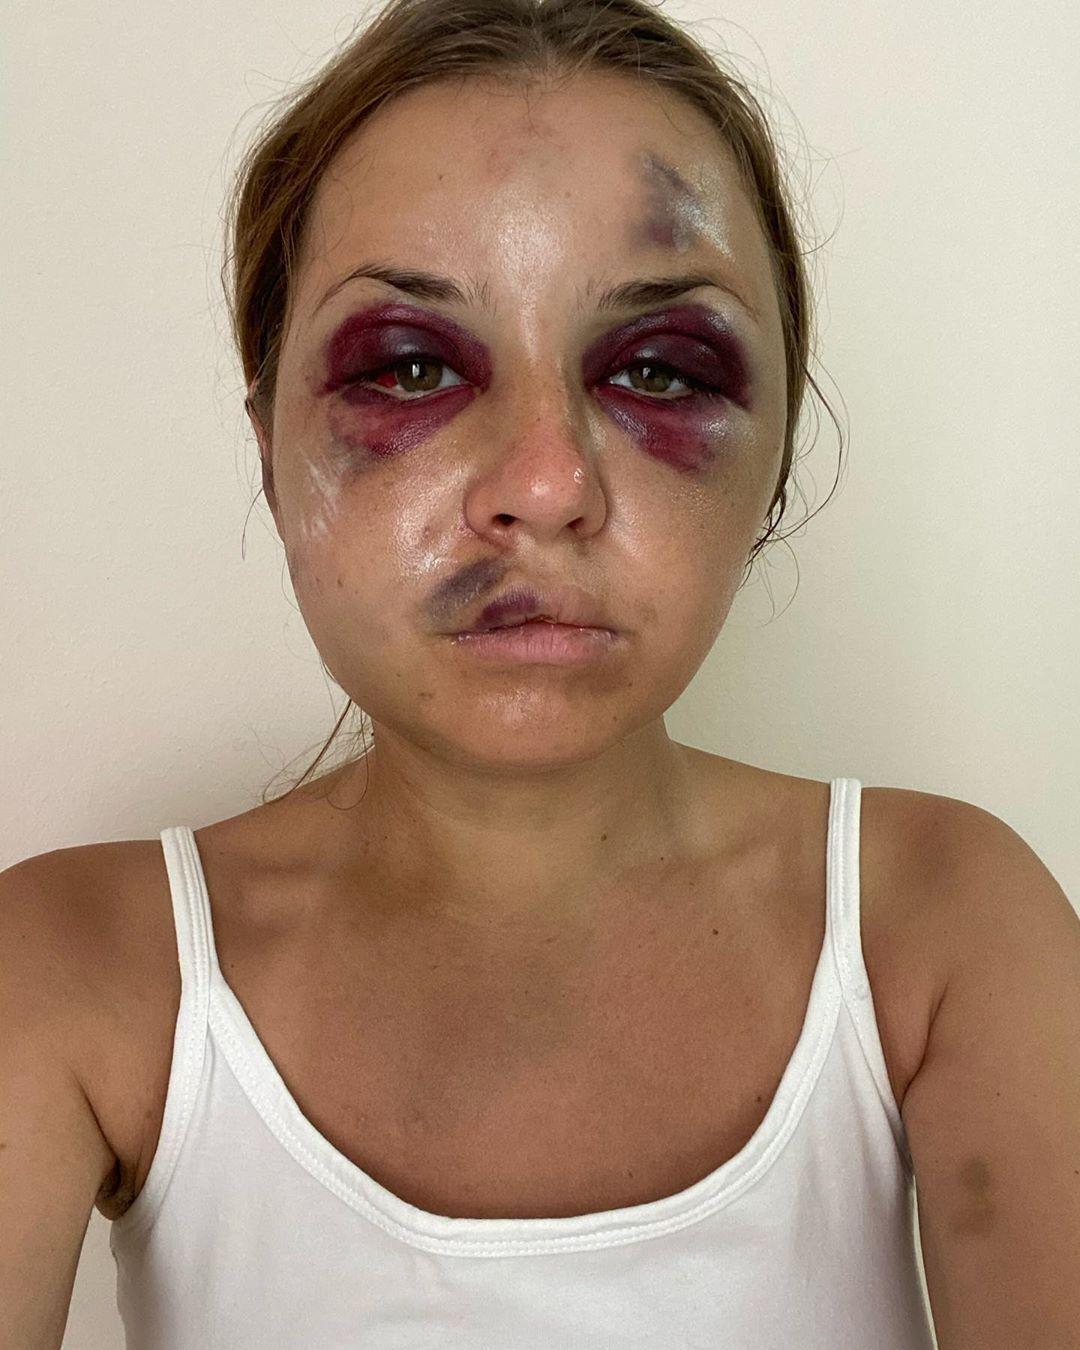 Пострадавшая показала, как выглядит после избиения в поезде